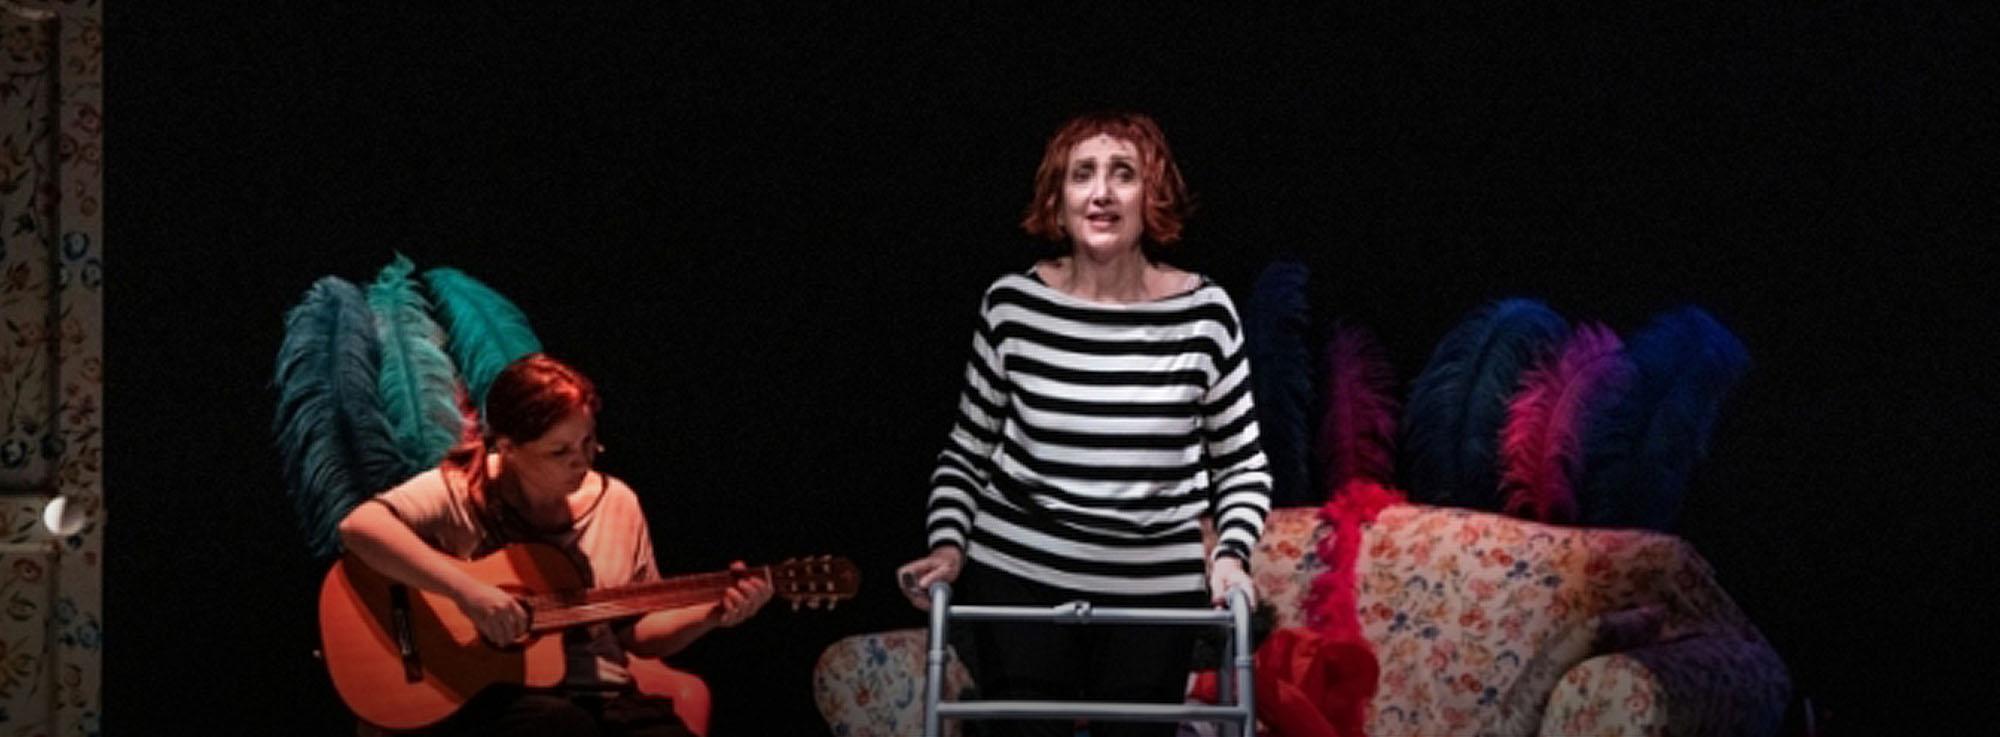 Bari: Non farmi perdere tempo - tragedia comica per donne destinata alle lacrime